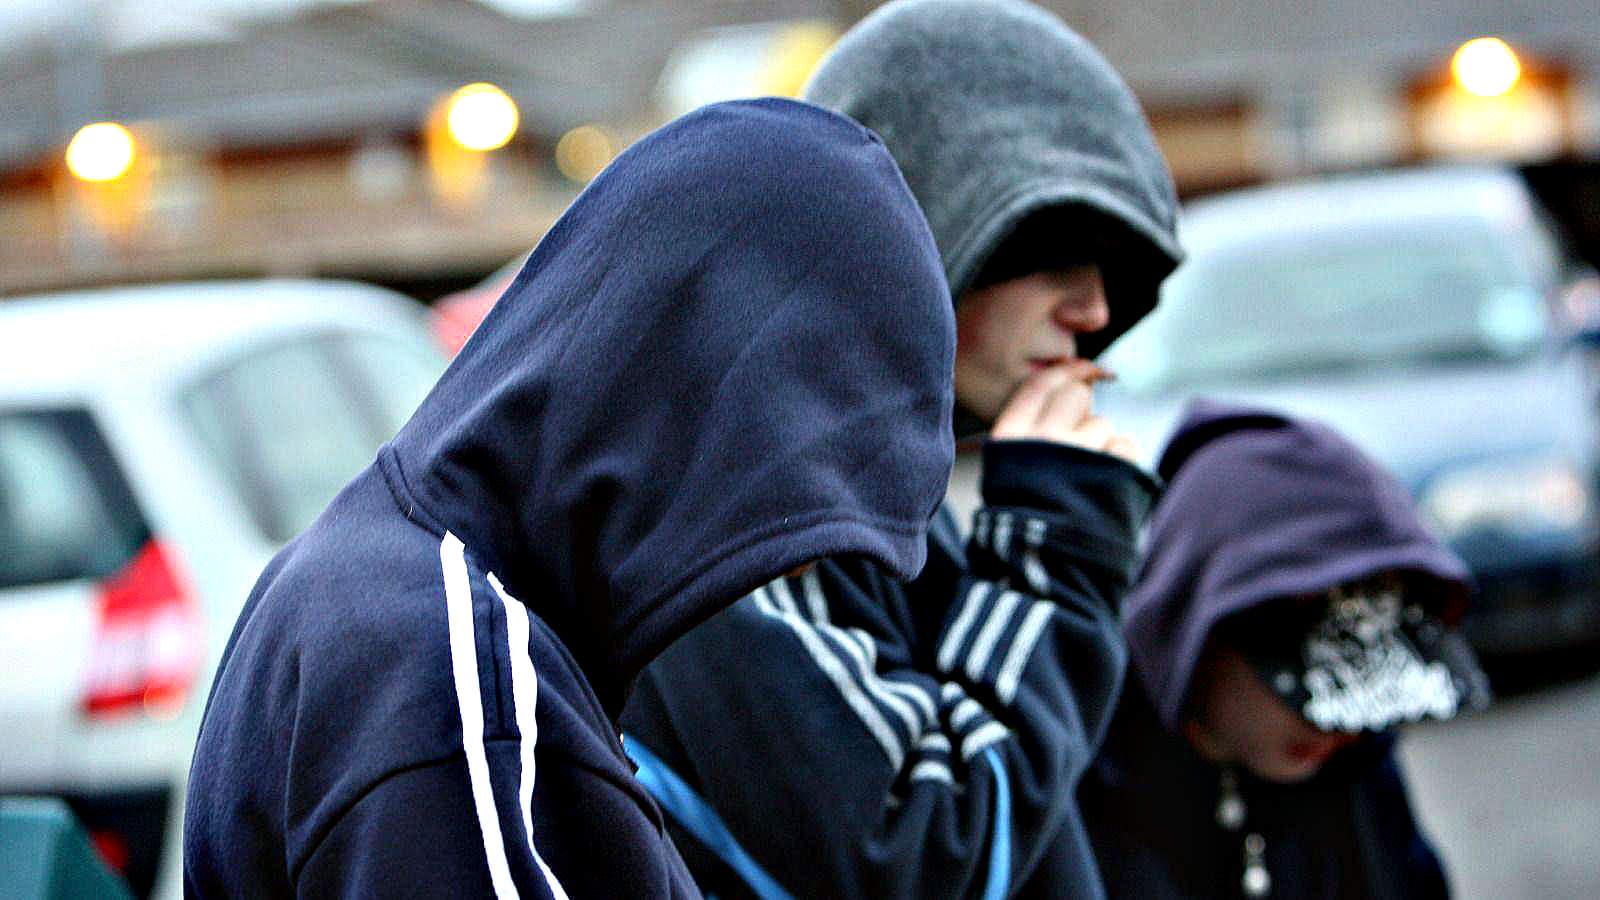 Под Волгоградом поймали банду воров, которую возглавлял 16-летний подросток